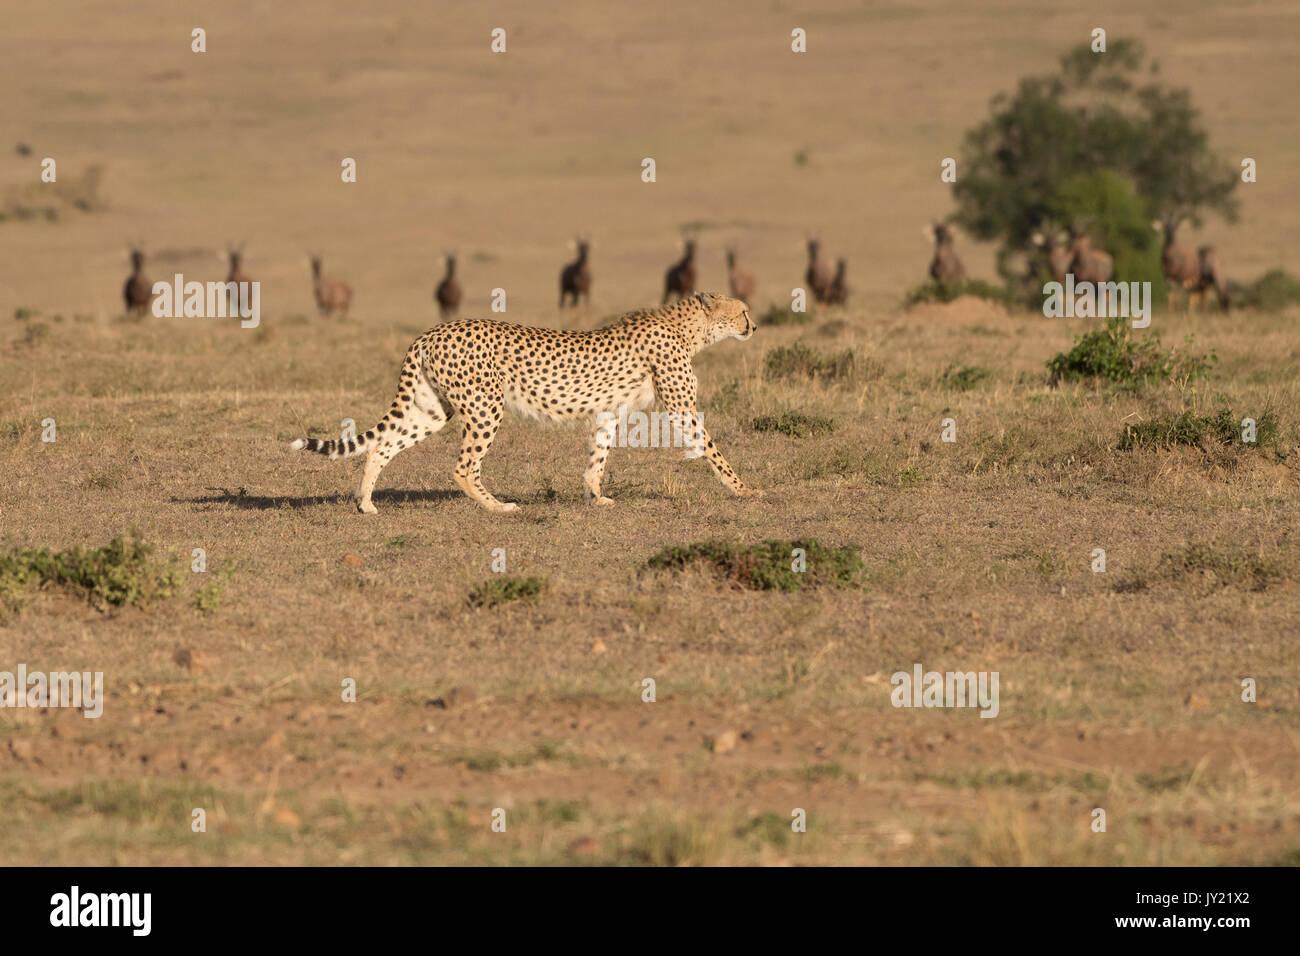 Gepardin vorbei gehen. topi Antilope starrt sie an, als sie in der Masai Mara in Kenia geht Stockbild